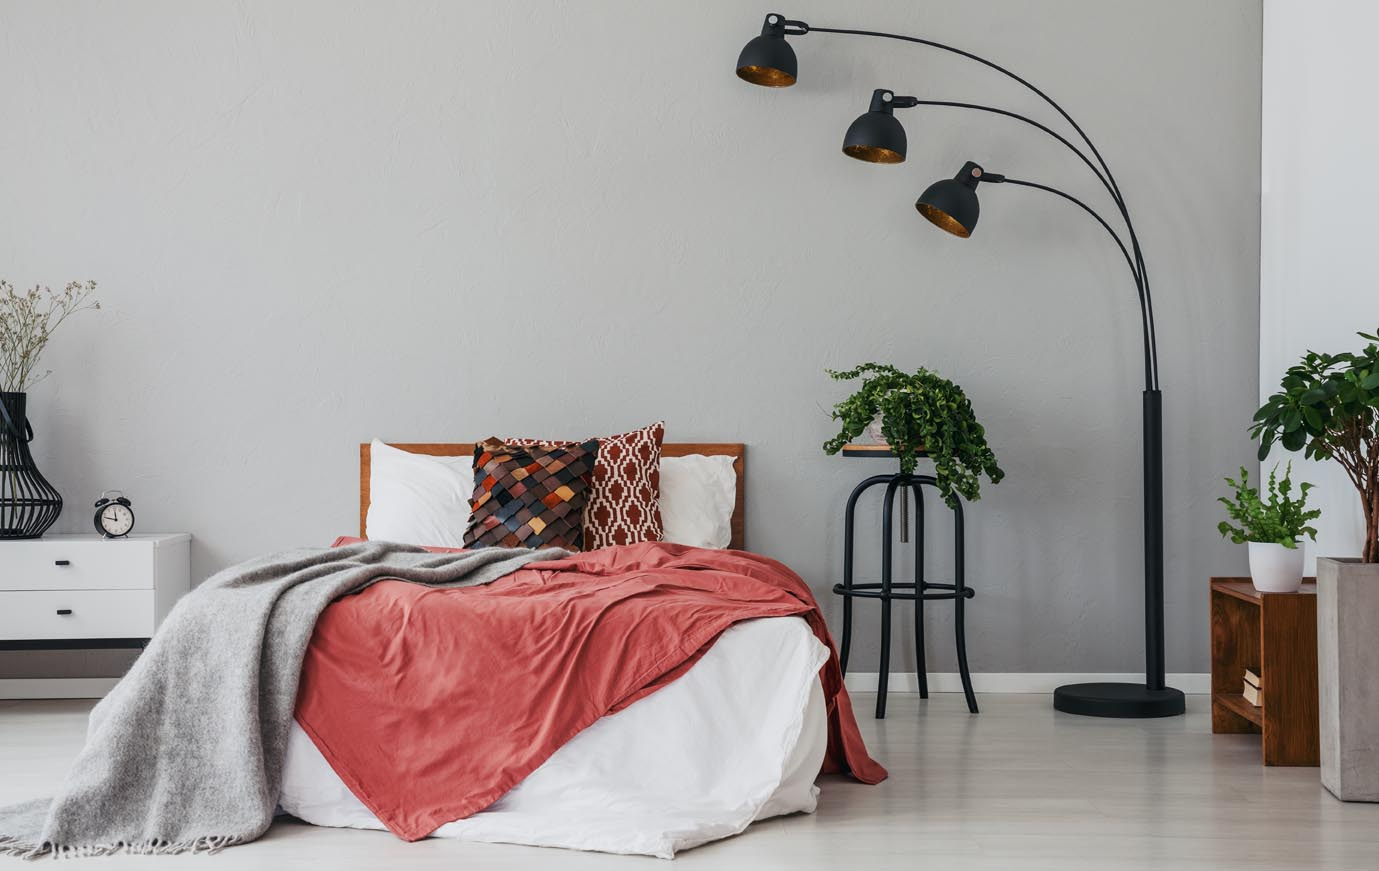 Design Storeys bedroom